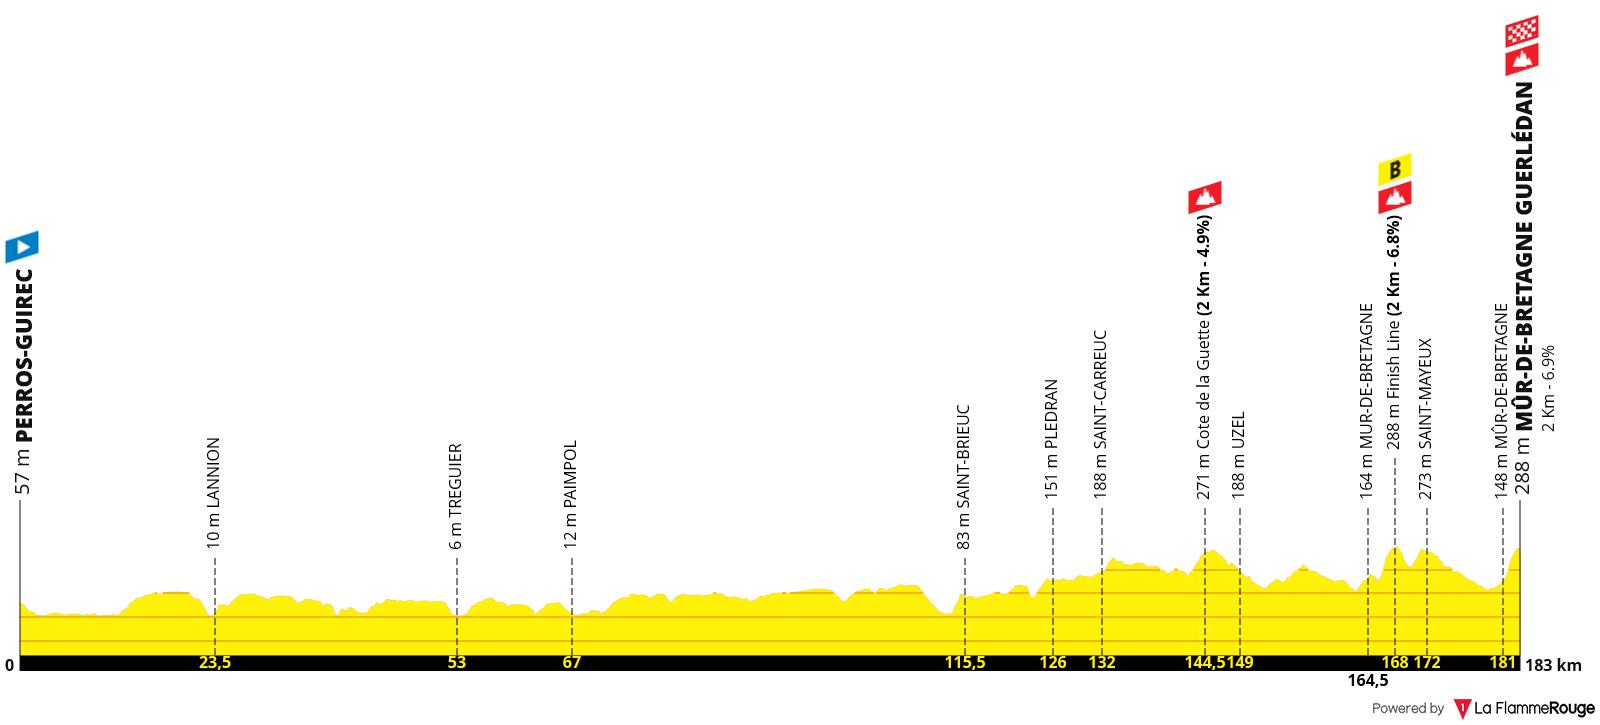 Etapa 02 - Tour de Francia 2021